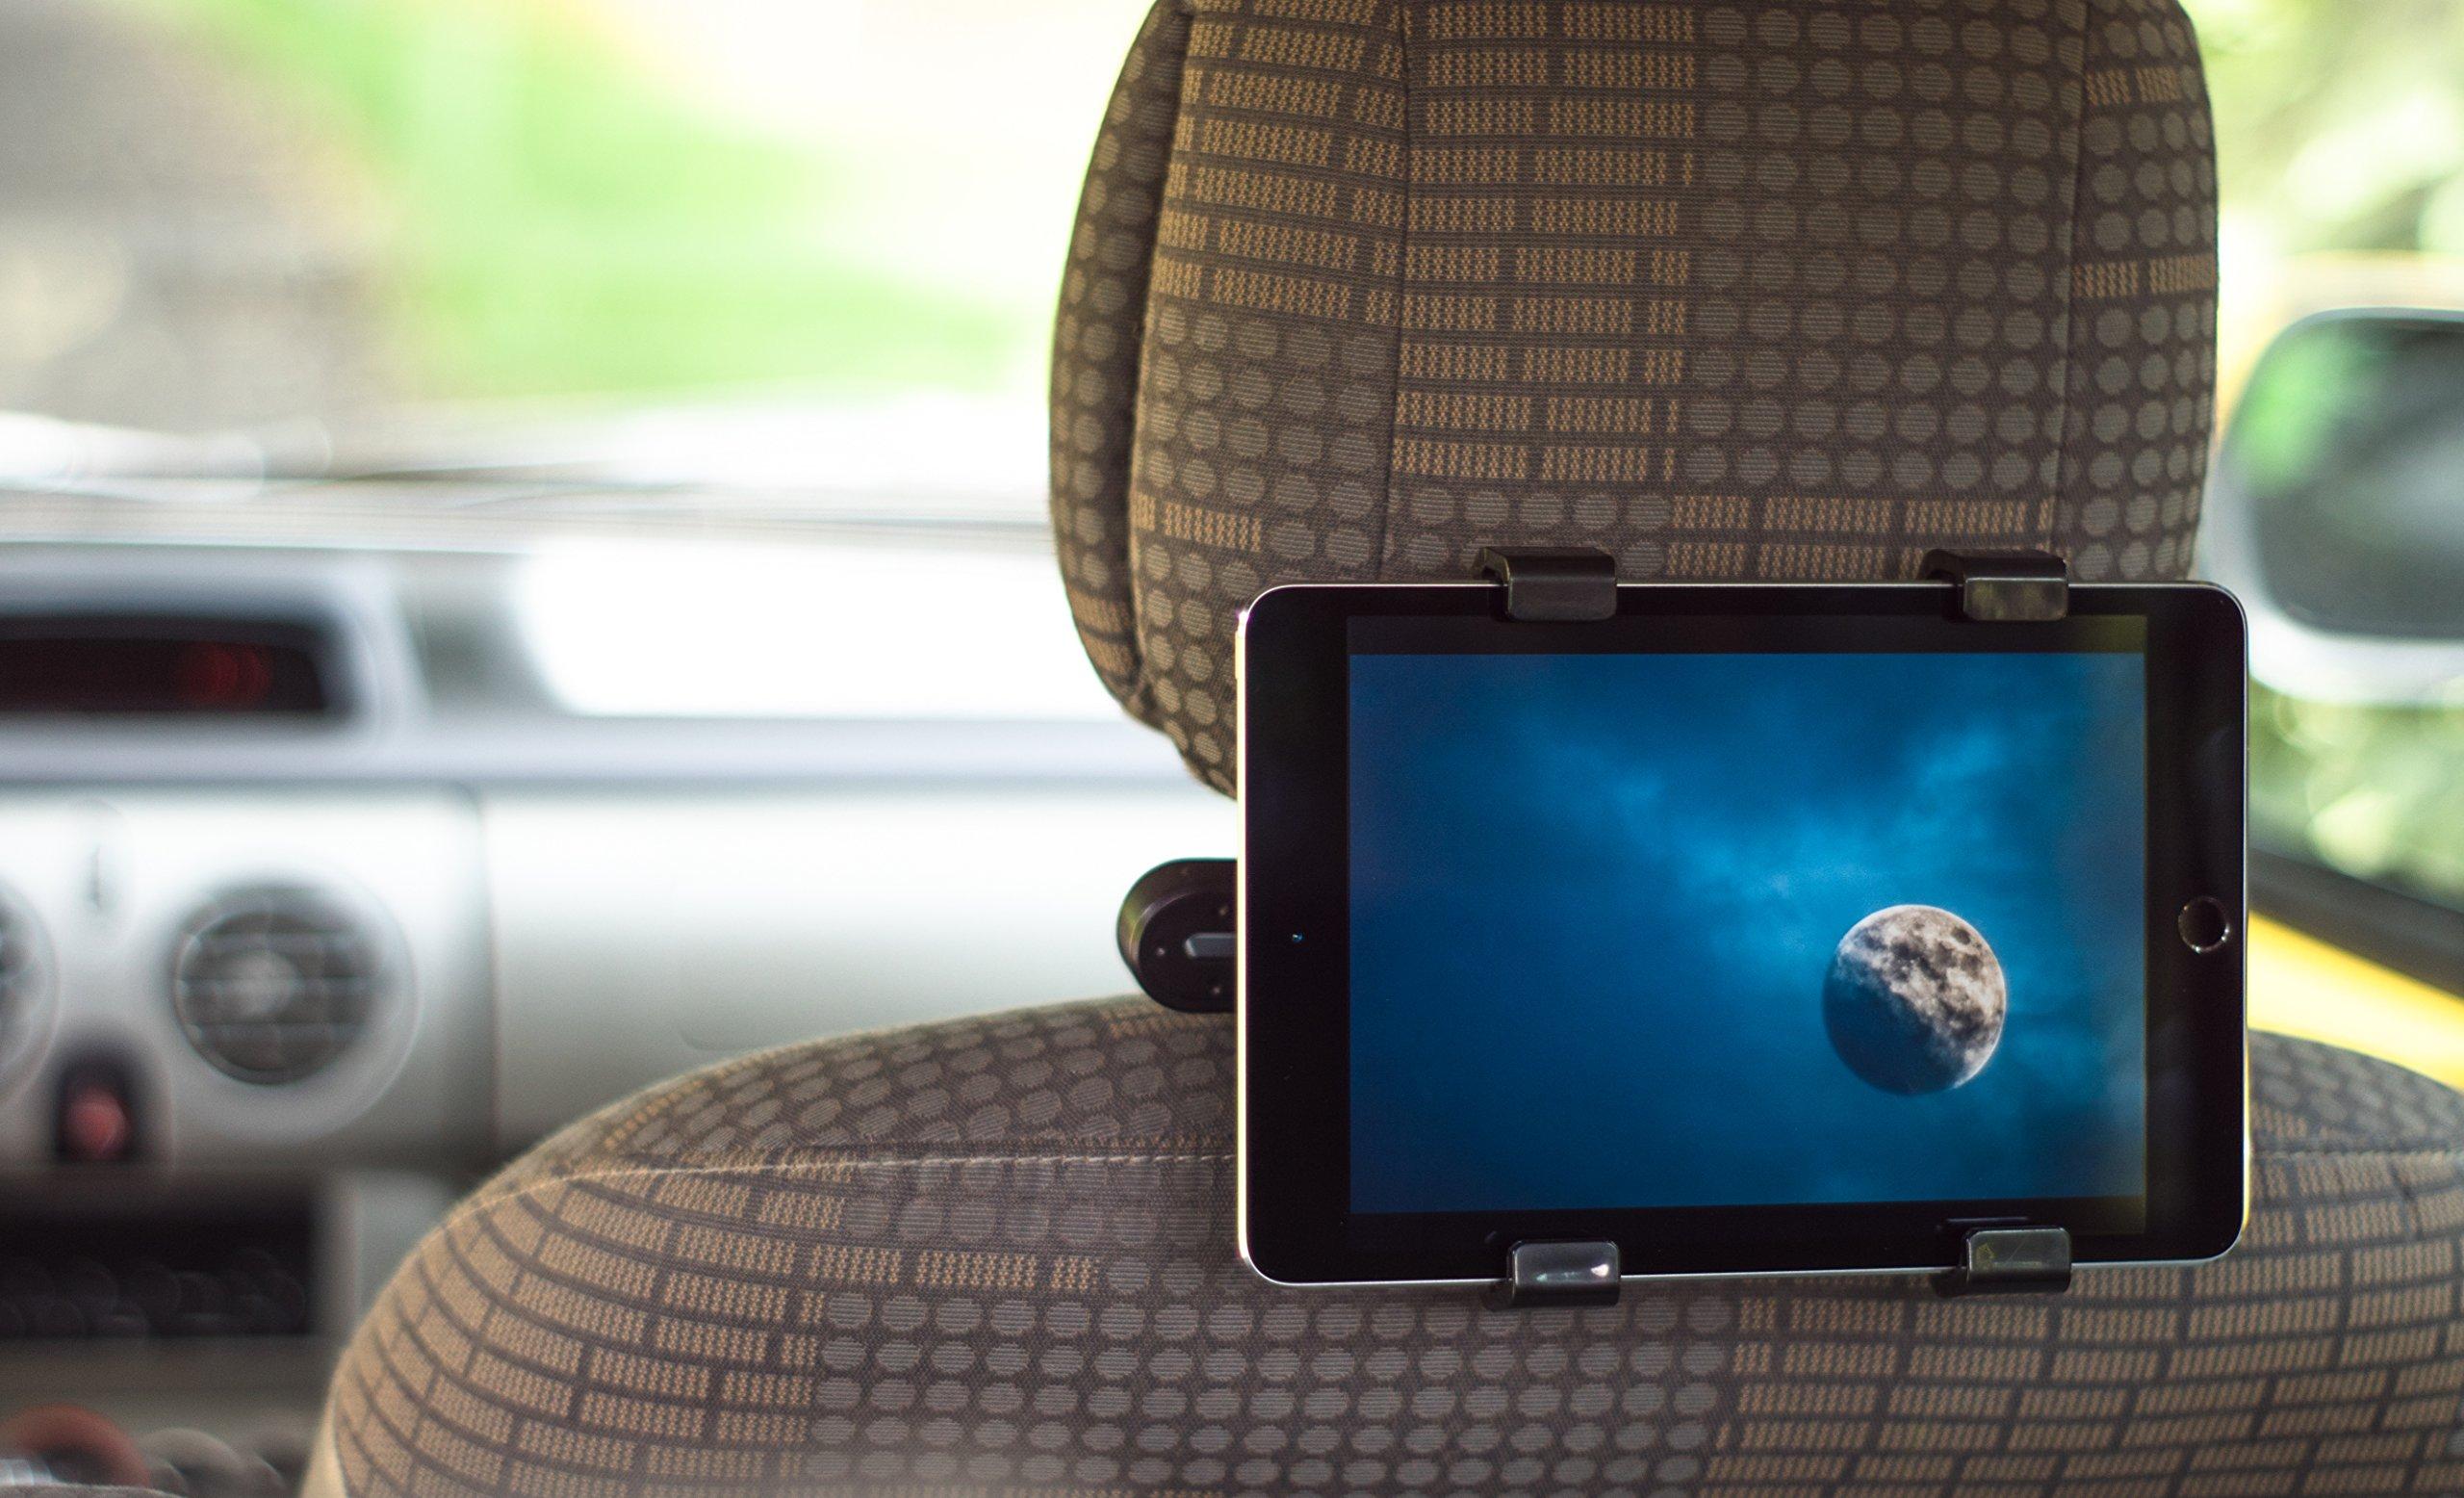 PSTZ-Tablet-Halterung-fr-die-Kopfsttze-im-Auto-fr-iPad-und-Samsung-Galaxy-Tablets-von-7-10-Zoll-Halter-im-KFZ